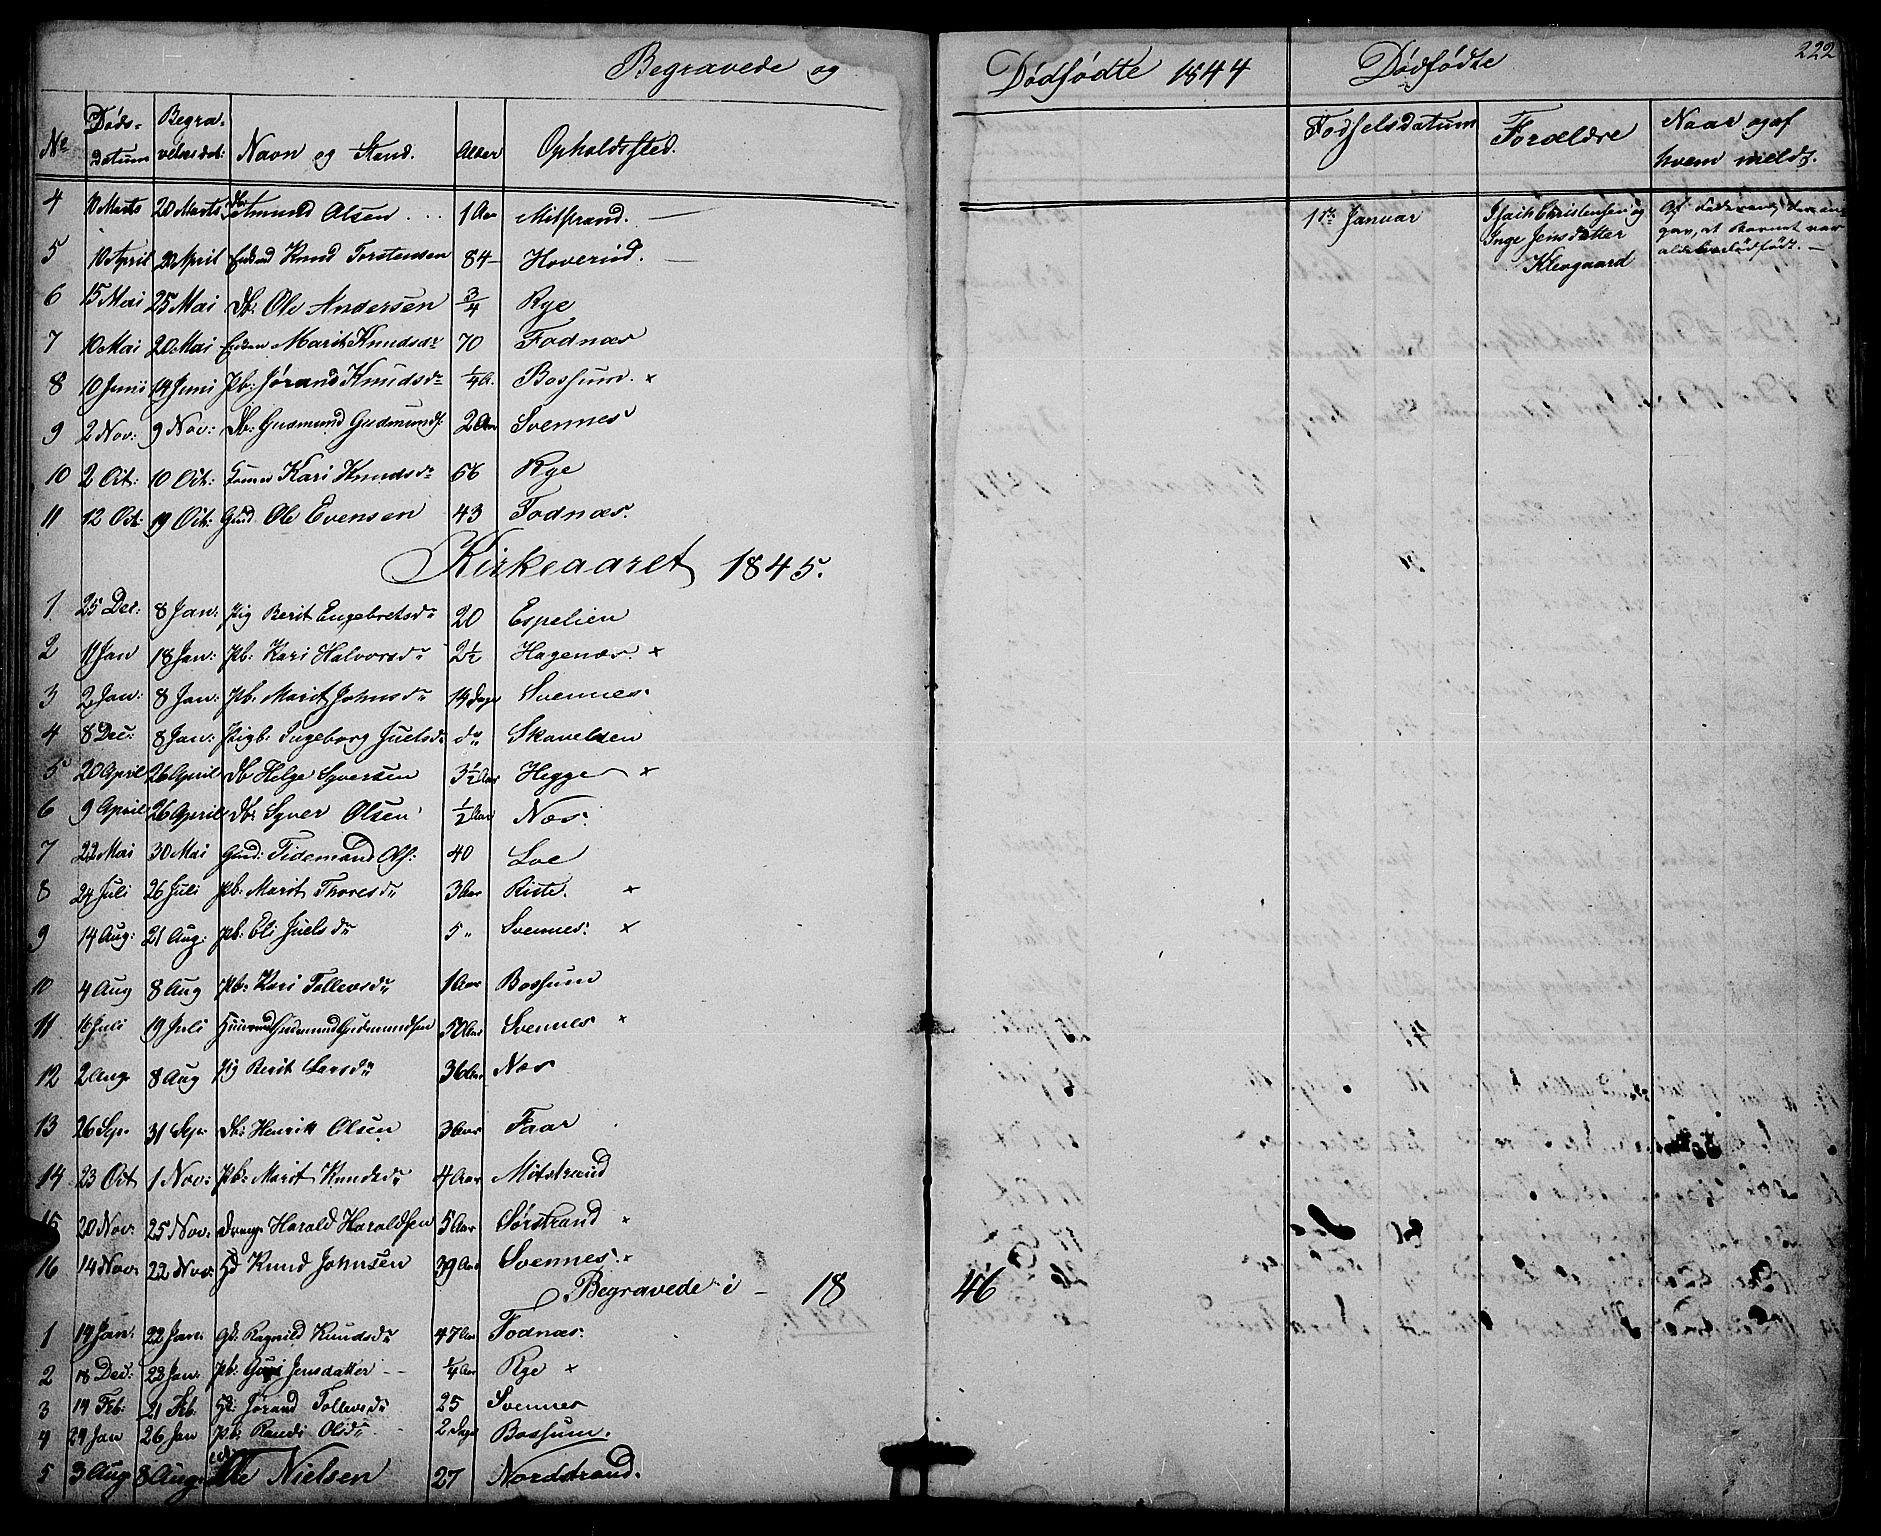 SAH, Nord-Aurdal prestekontor, Klokkerbok nr. 3, 1842-1882, s. 222